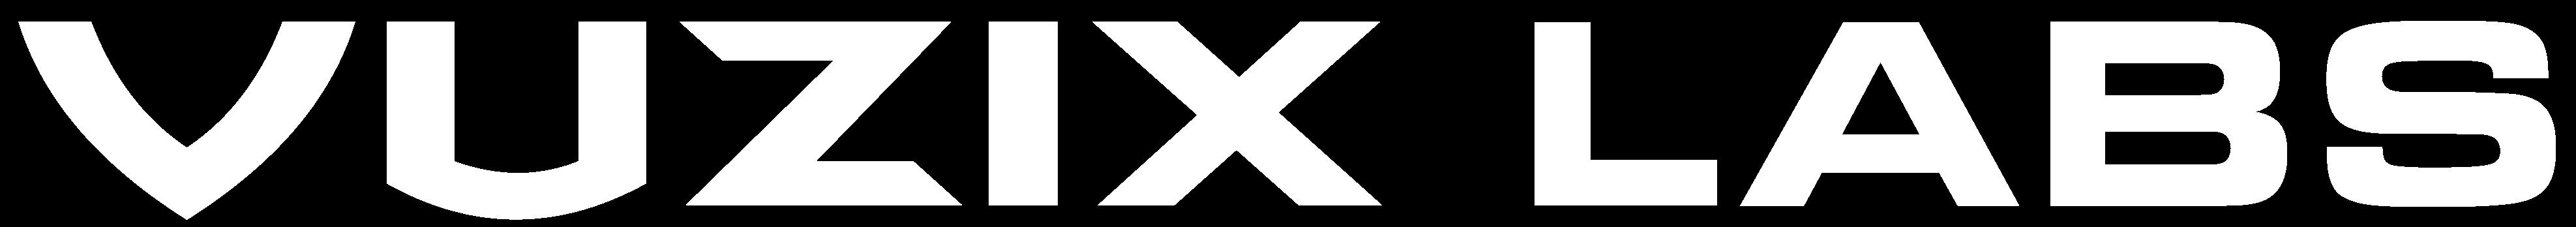 Vuzix Labs